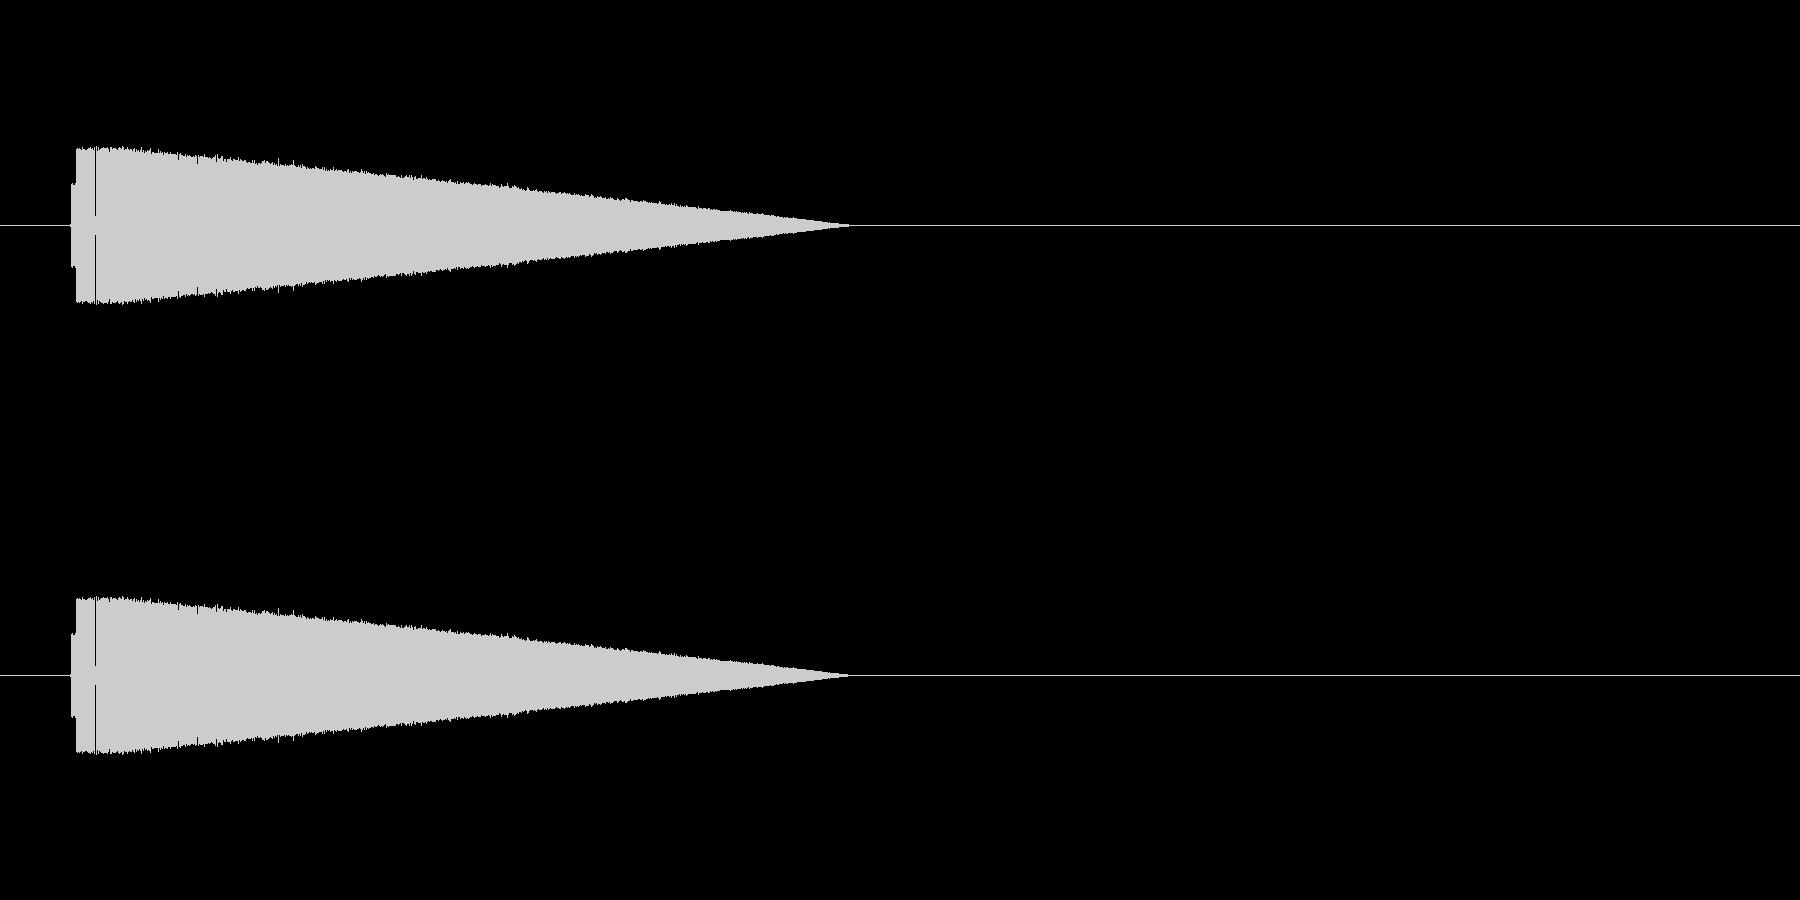 ファミコン風パワーアップ的な音ですの未再生の波形